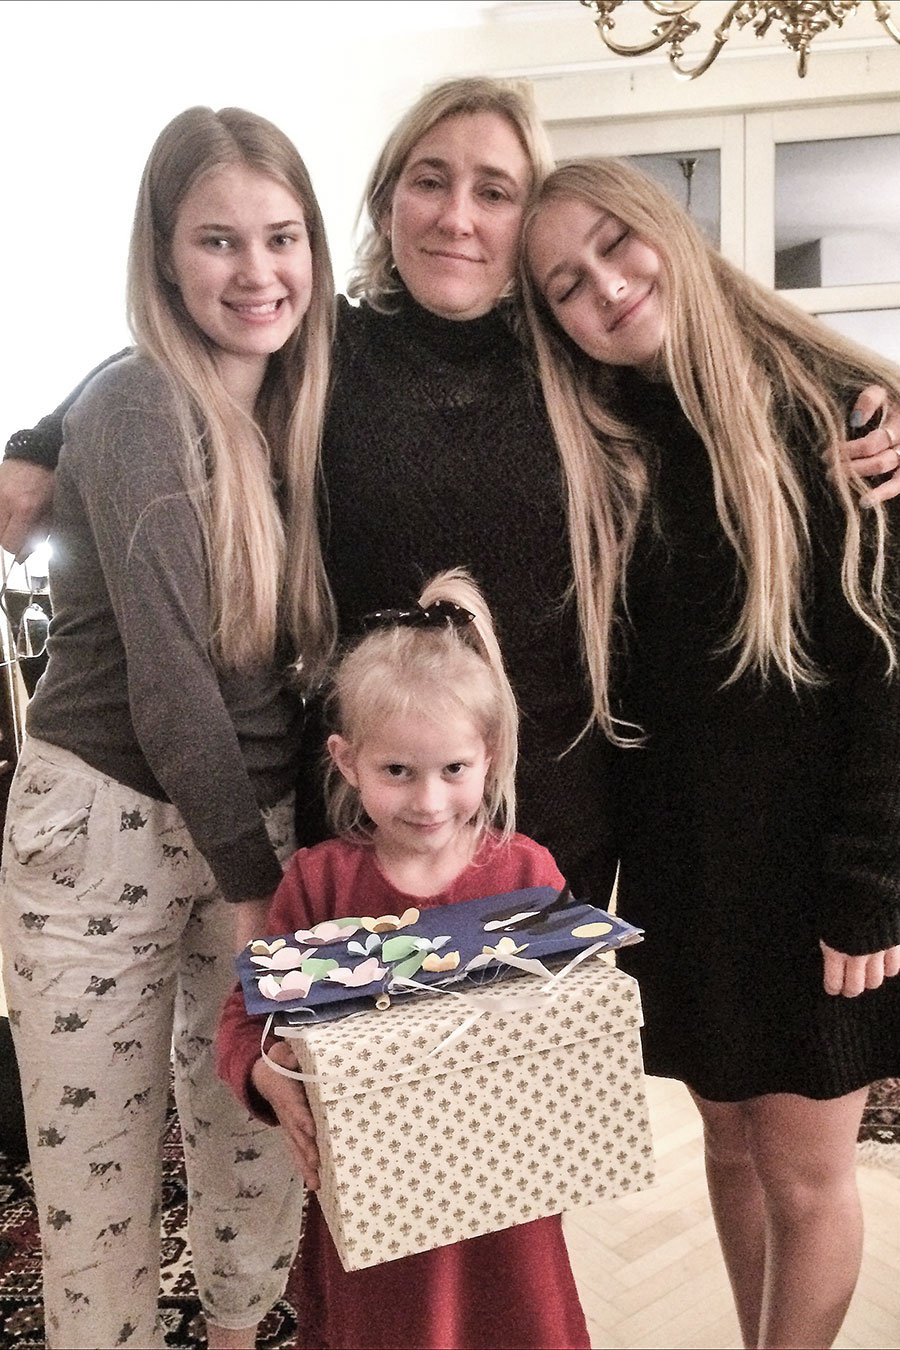 A nagykövet családjának hölgytagjai: hitvese, Elena, valamint lányai, Marianne, Inger és Katrine (Privát fotó)